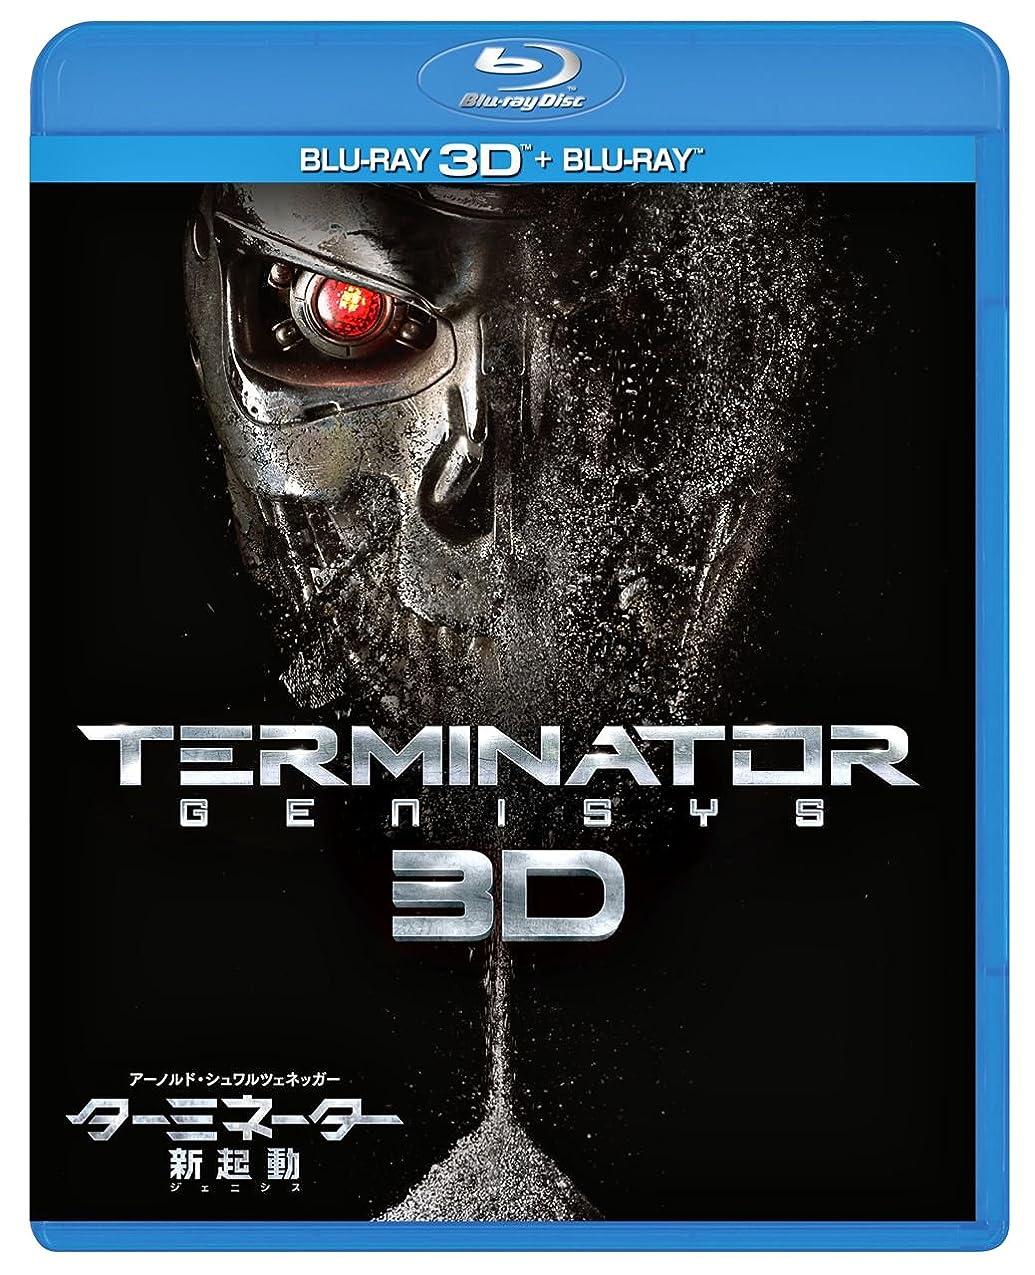 精査する芽化合物ターミネーター:新起動/ジェニシス 3D&2Dブルーレイセット(2枚組) [Blu-ray]